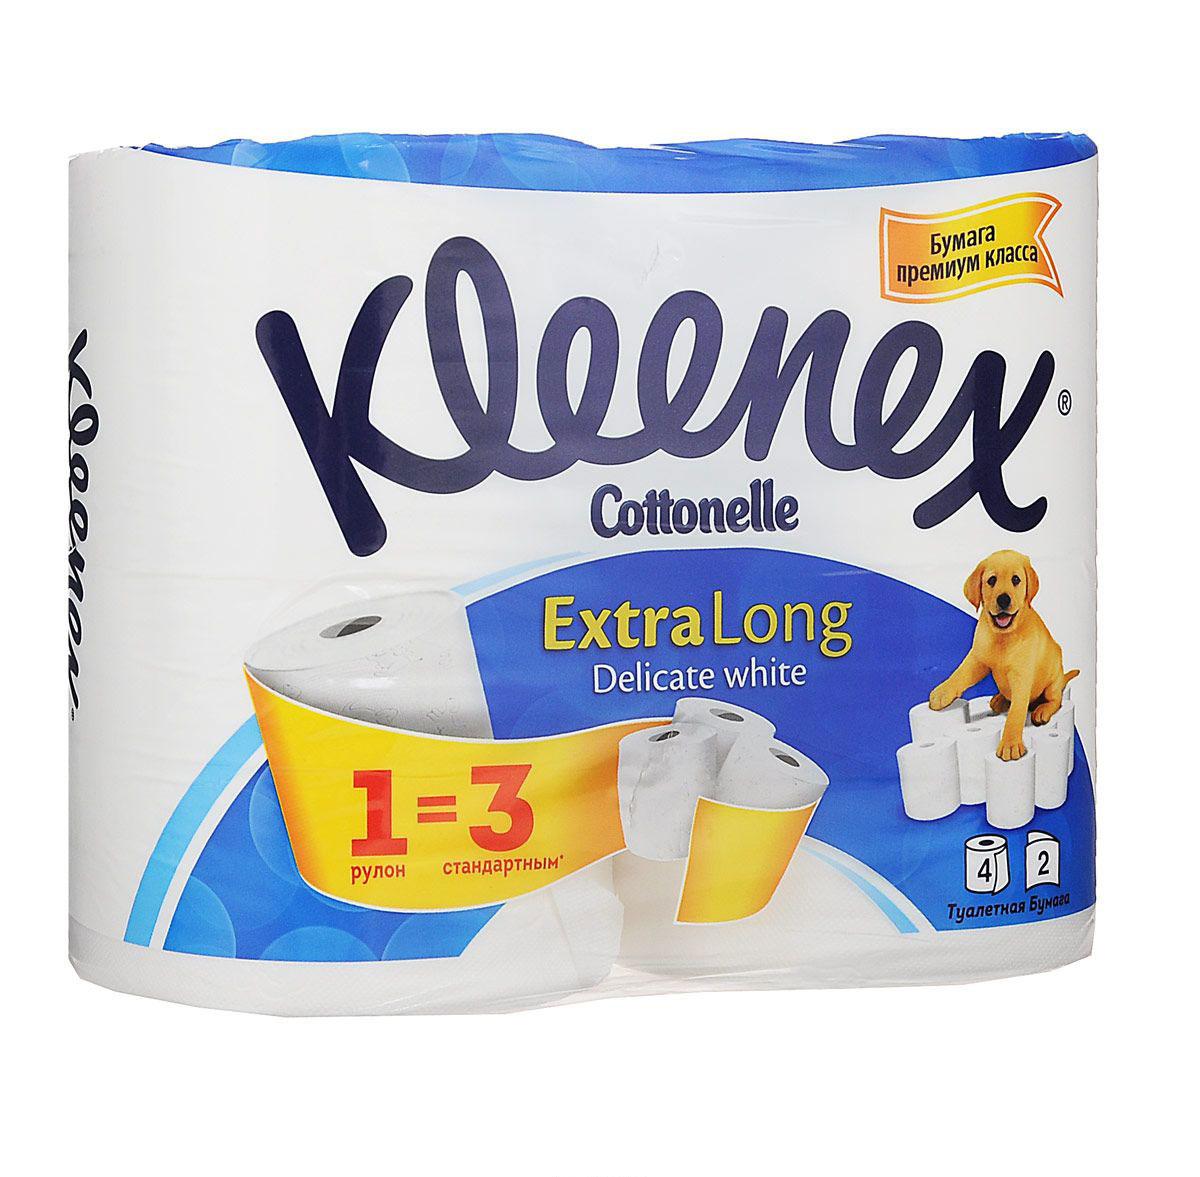 Kleenex Cottonelle Туалетная бумага Extra Long, двухслойная, цвет: белый, 4 рулона9450044Туалетная бумага Kleenex Cottonelle Extra Long изготовлена из целлюлозы высшего качества. Двухслойные листы белого цвета имеют рисунок с тиснением. Мягкая, нежная, но в тоже время прочная, бумага не расслаивается и отрывается строго по линии перфорации. Характеристики:Материал: 100% целлюлоза.Цвет: белый.Количество рулонов: 4 шт.Количество листов в рулоне: 488.Количество слоев: 2.Размер листа: 9,6 см х 11,3 см.Размер упаковки: 25 см х 13 см х 19,5 см.Артикул: 9450044.Производитель: Венгрия.Товар сертифицирован.Уважаемые клиенты!Обращаем ваше внимание на измененный дизайн упаковки. Комплектация осталась без изменений.